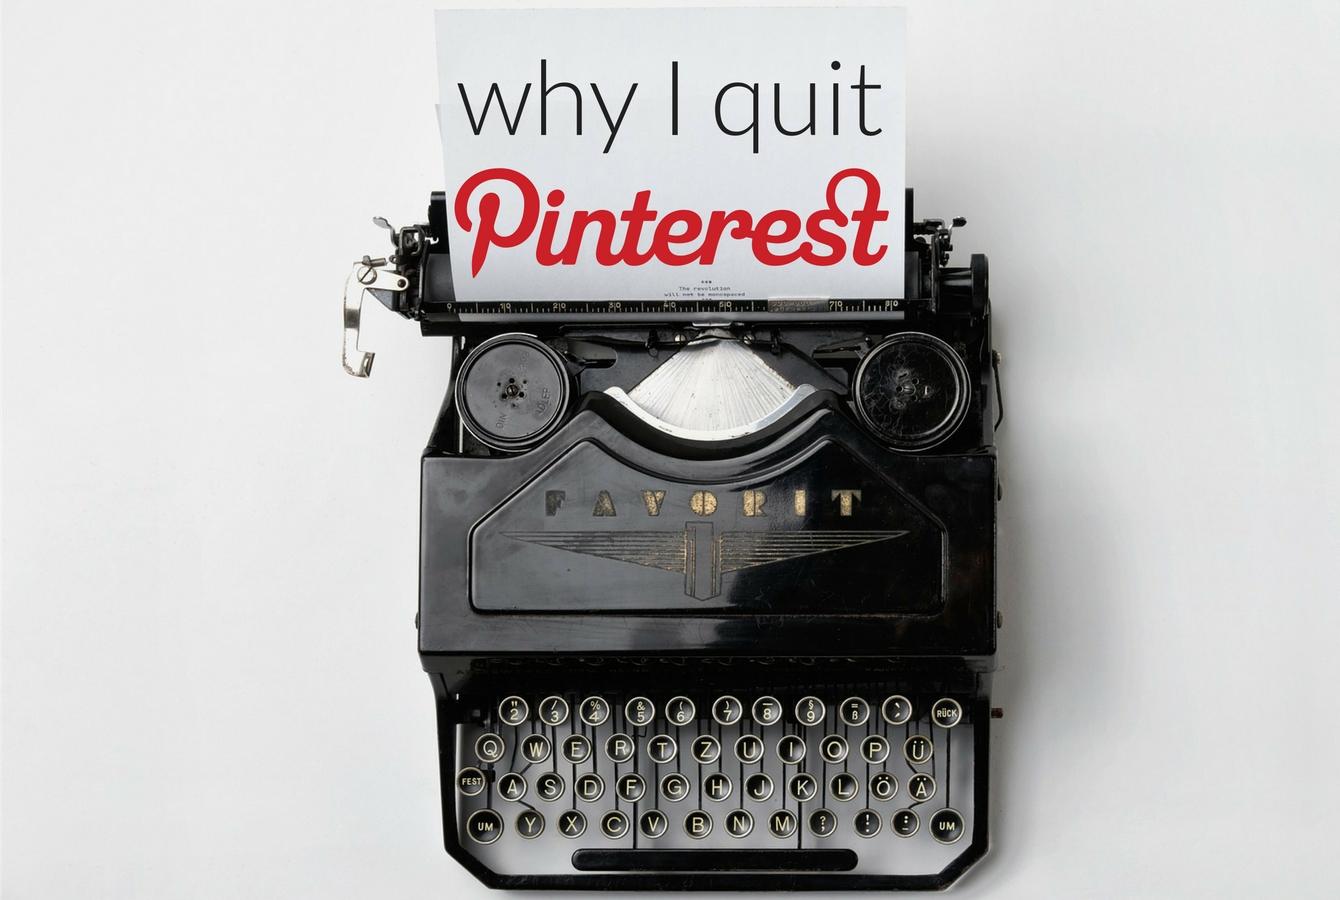 Why I quit Pinterest